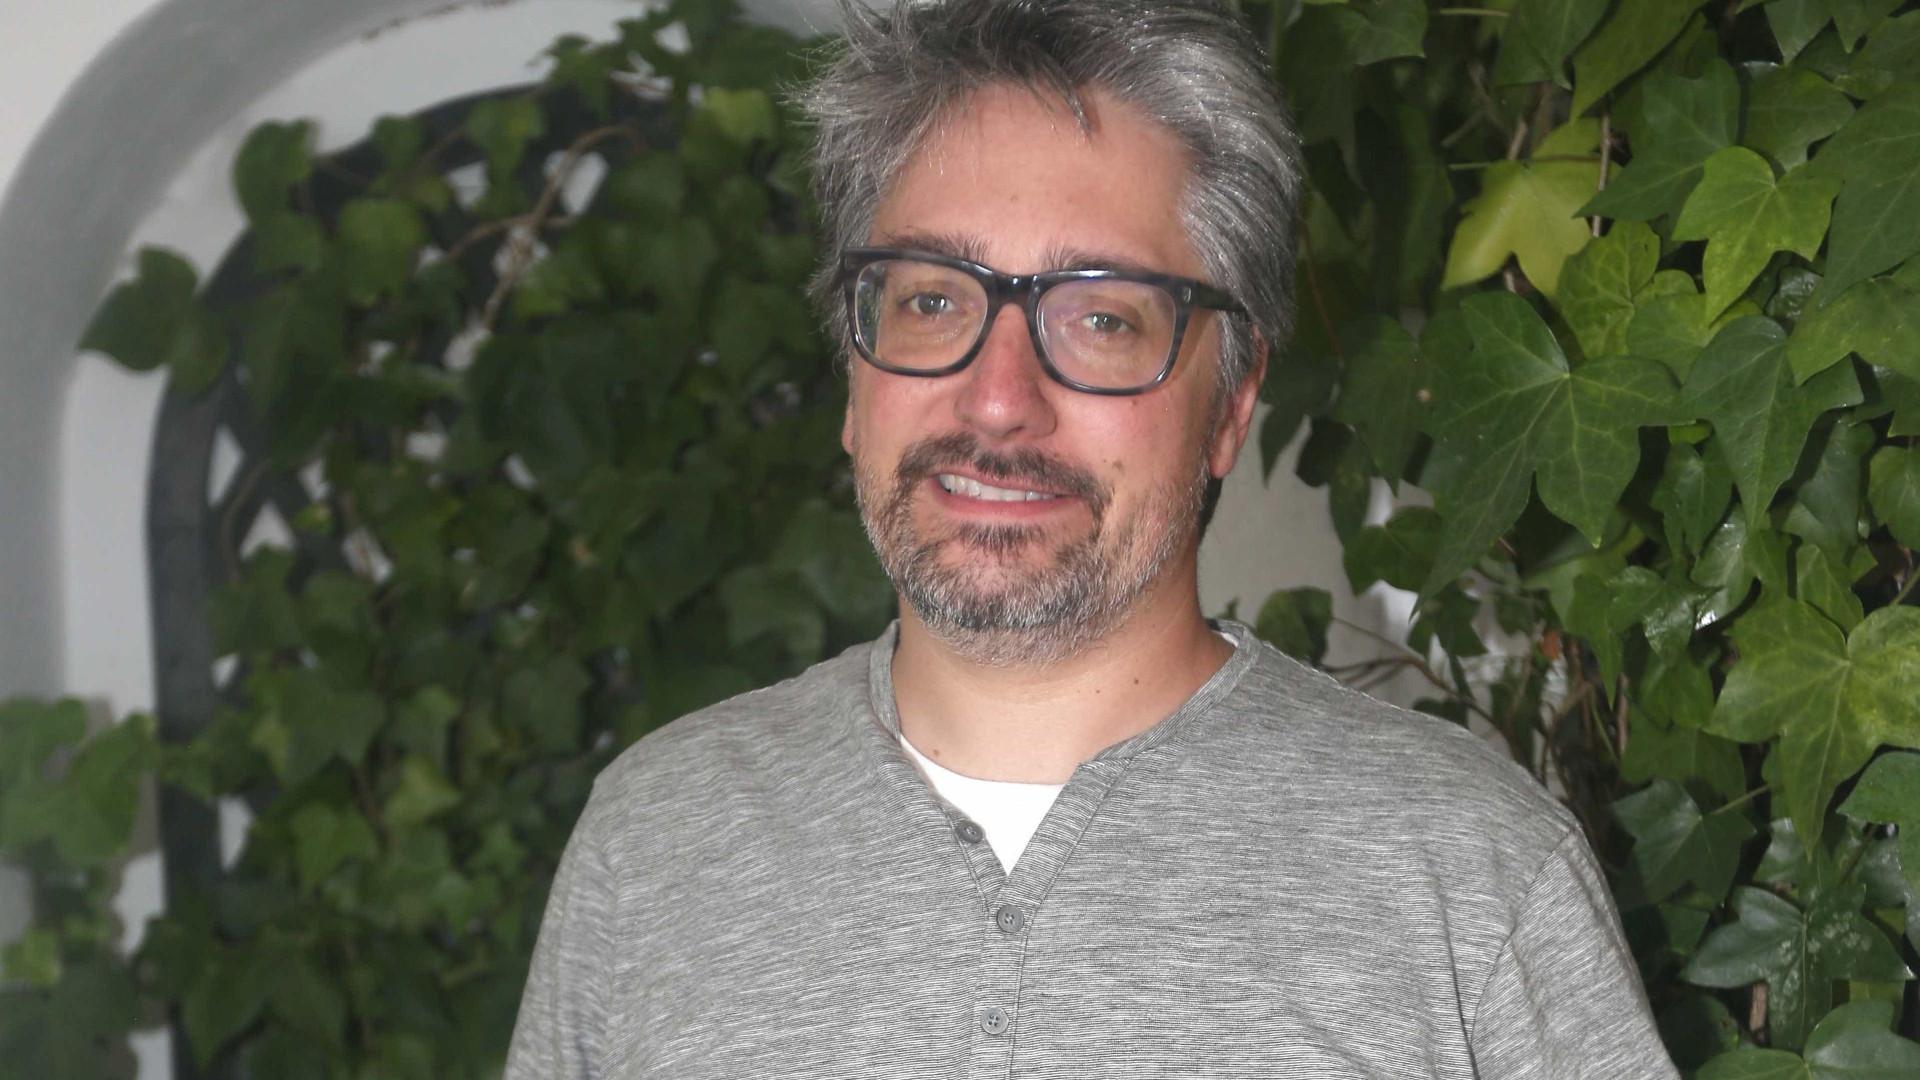 Nuno Markl corta o cabelo nos estúdios da Rádio Comercial